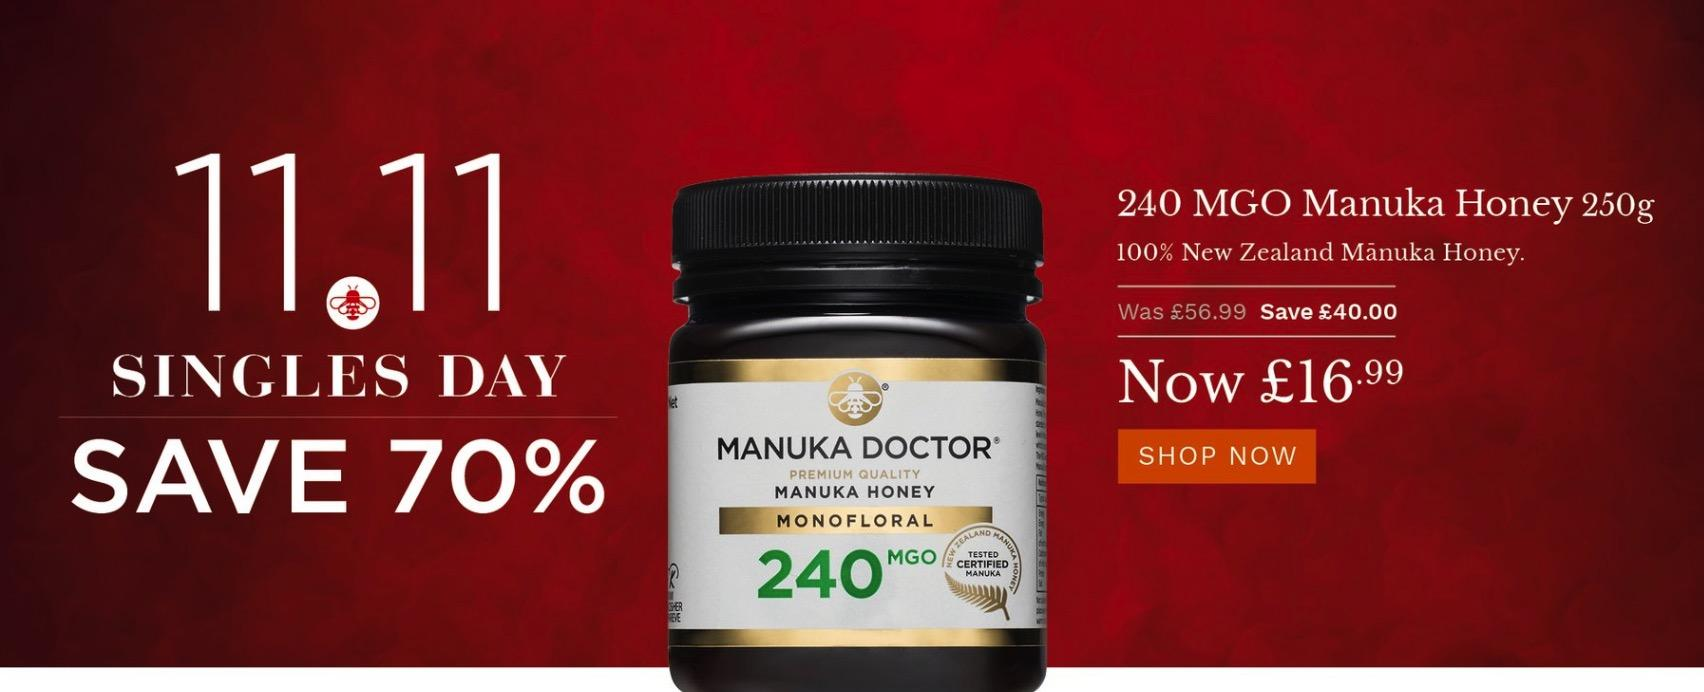 Manuka Doctor 麦卢卡医生双十一折扣